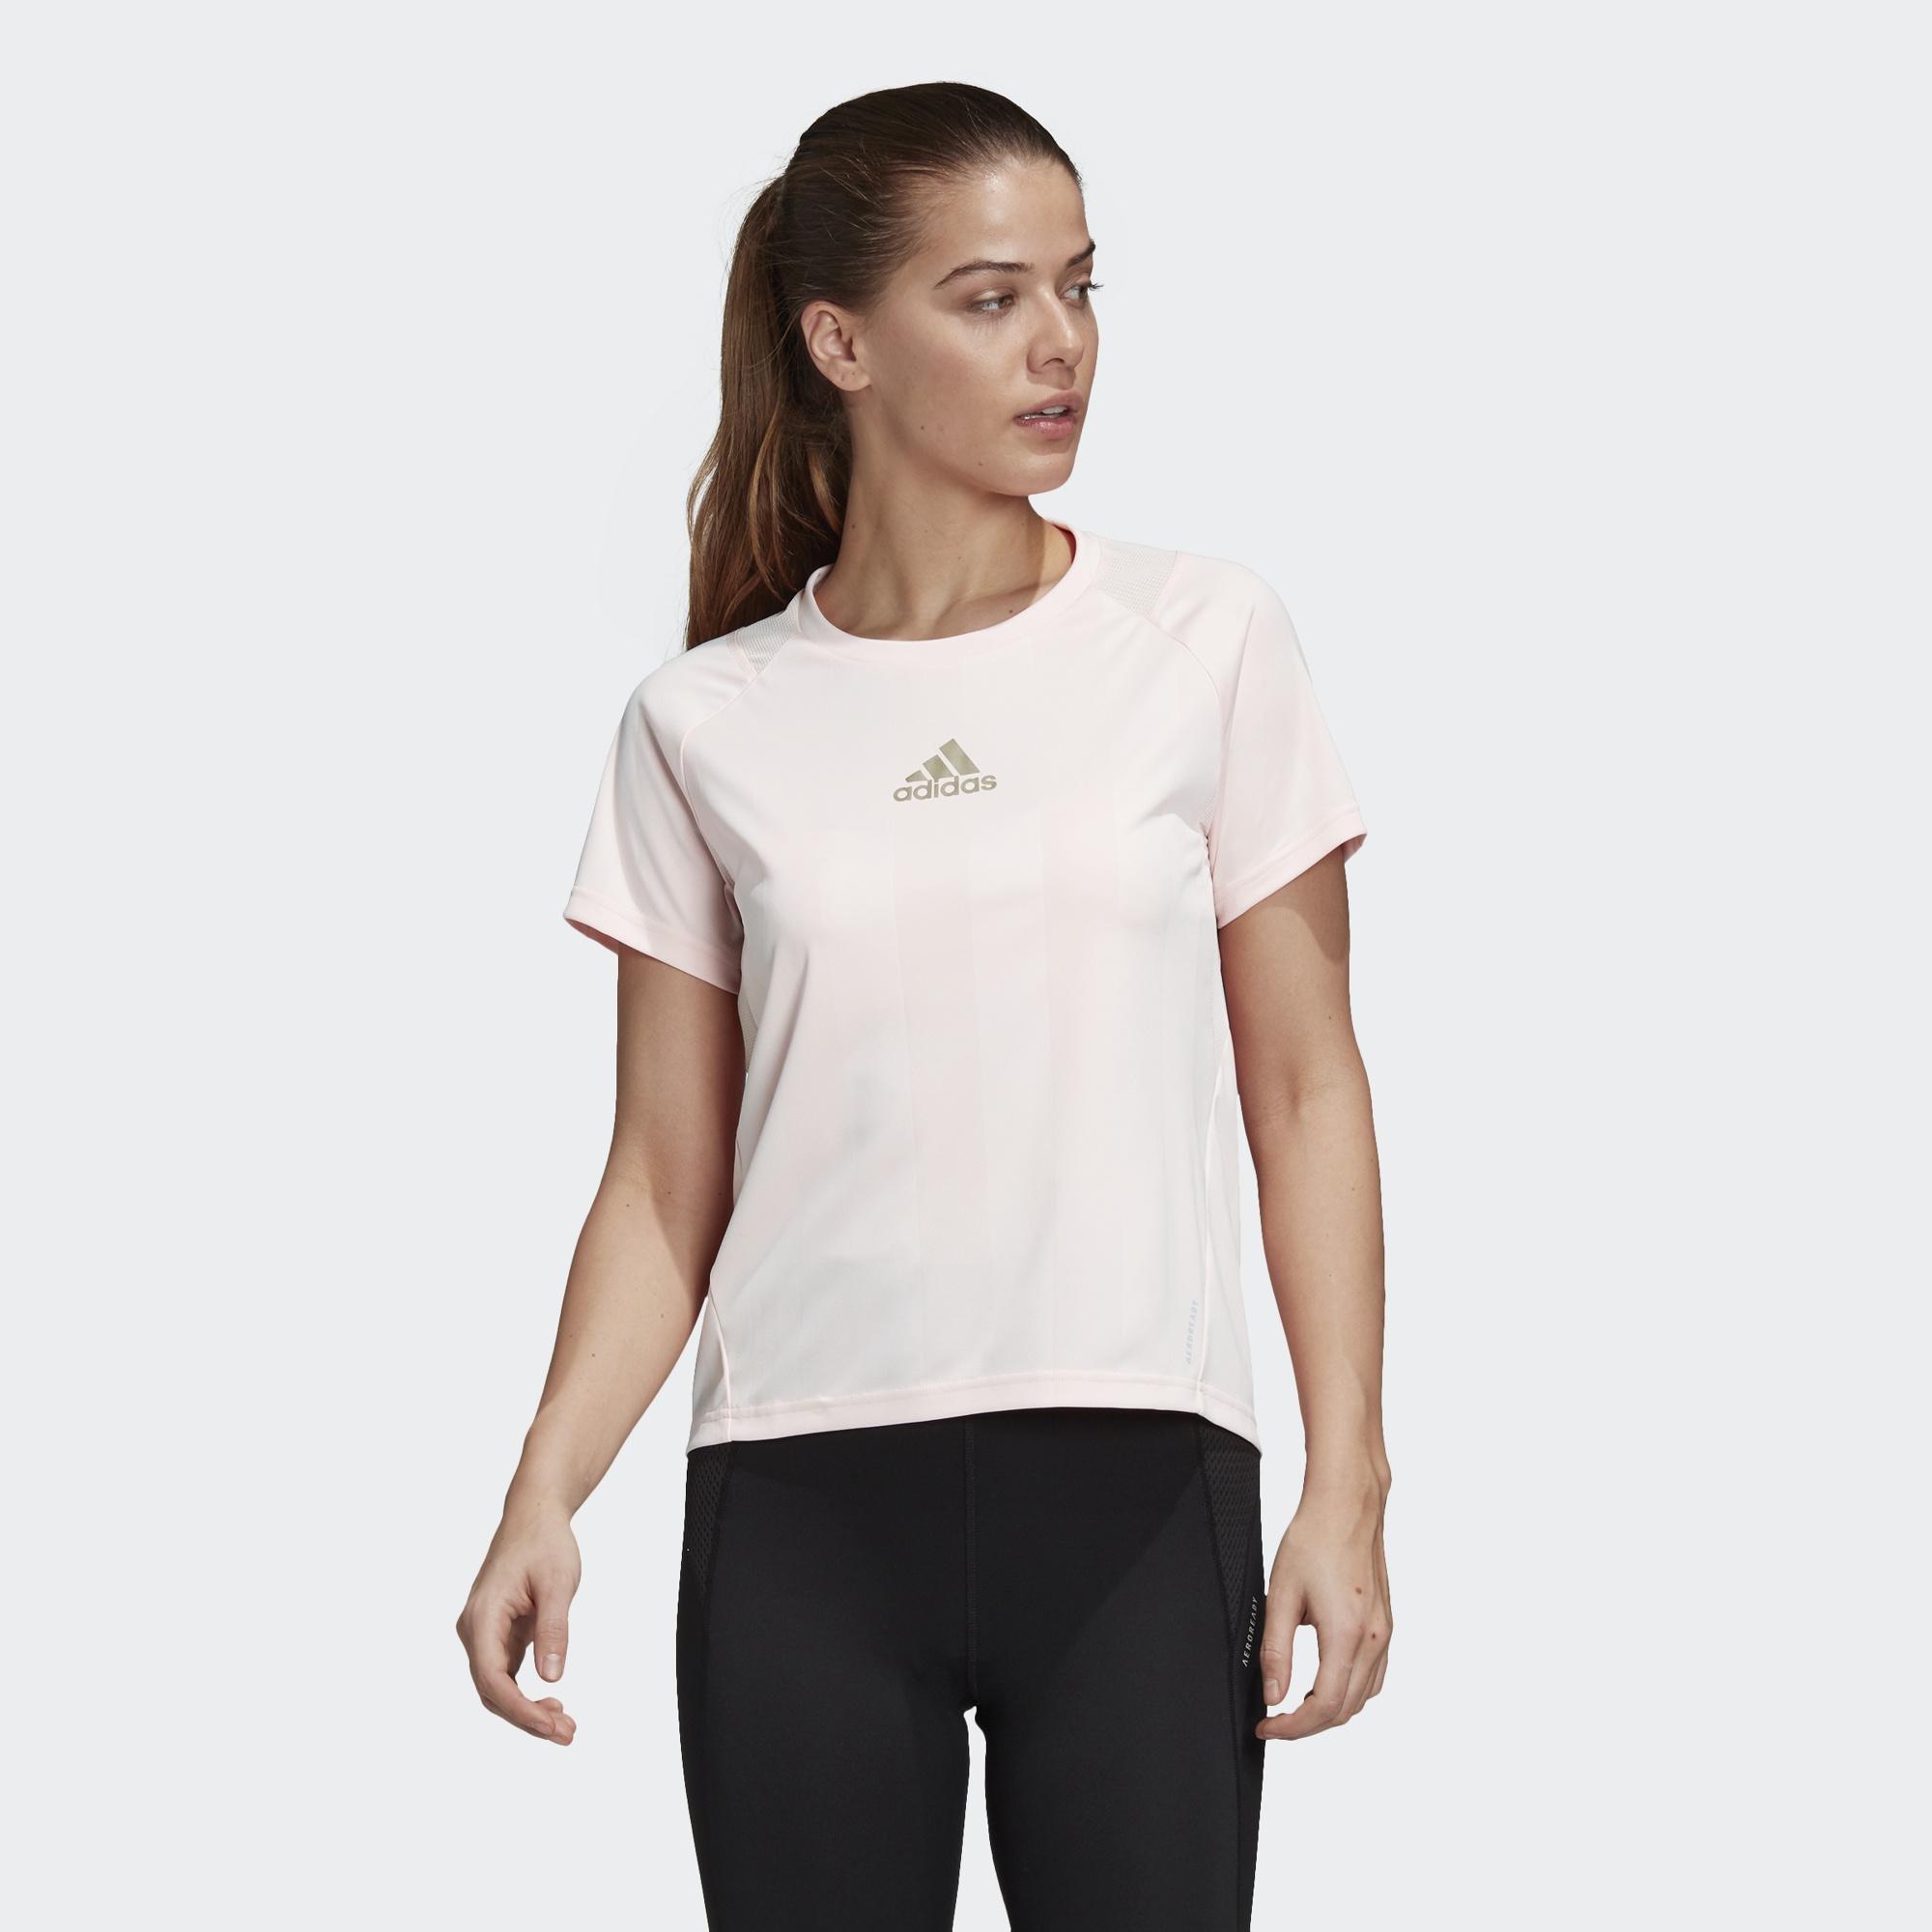 限時特價南◇2021 3月 ADIDAS EDGE 短袖上衣 愛迪達 粉紅色 運動 短TEE 訓練 短T FS9850